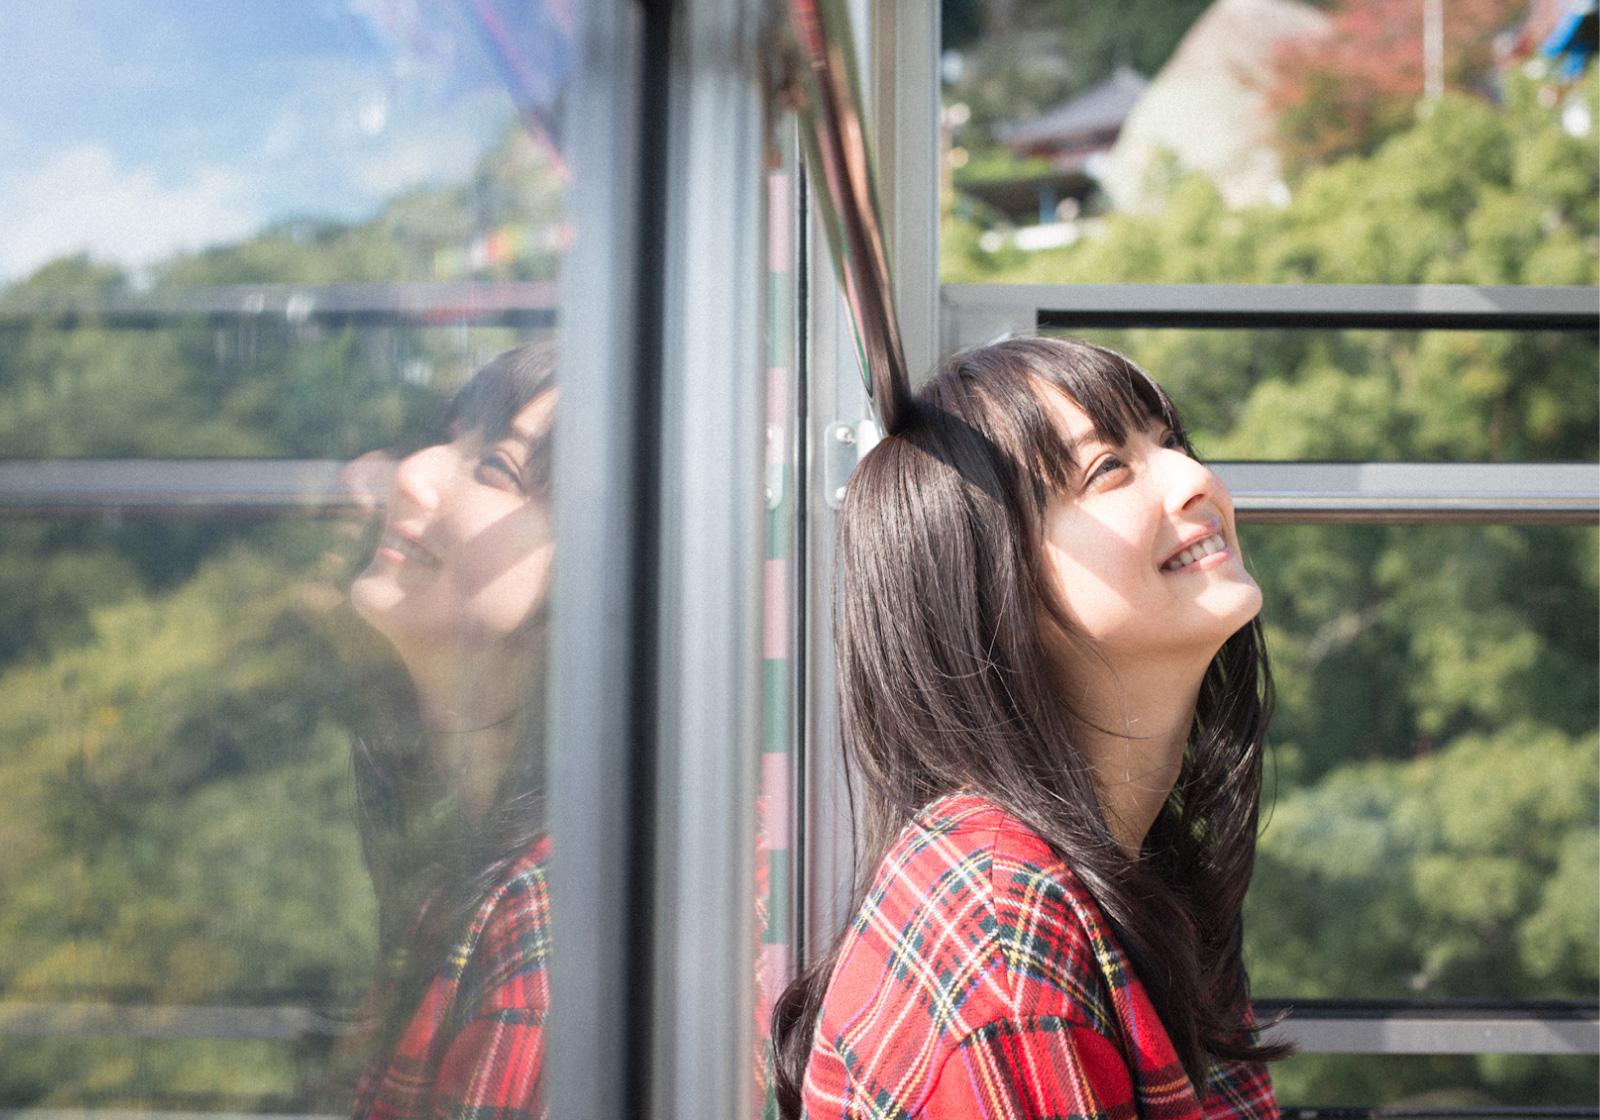 短めと長めどっちが好き?真似したくなる佐々木希さんの前髪をご紹介のサムネイル画像